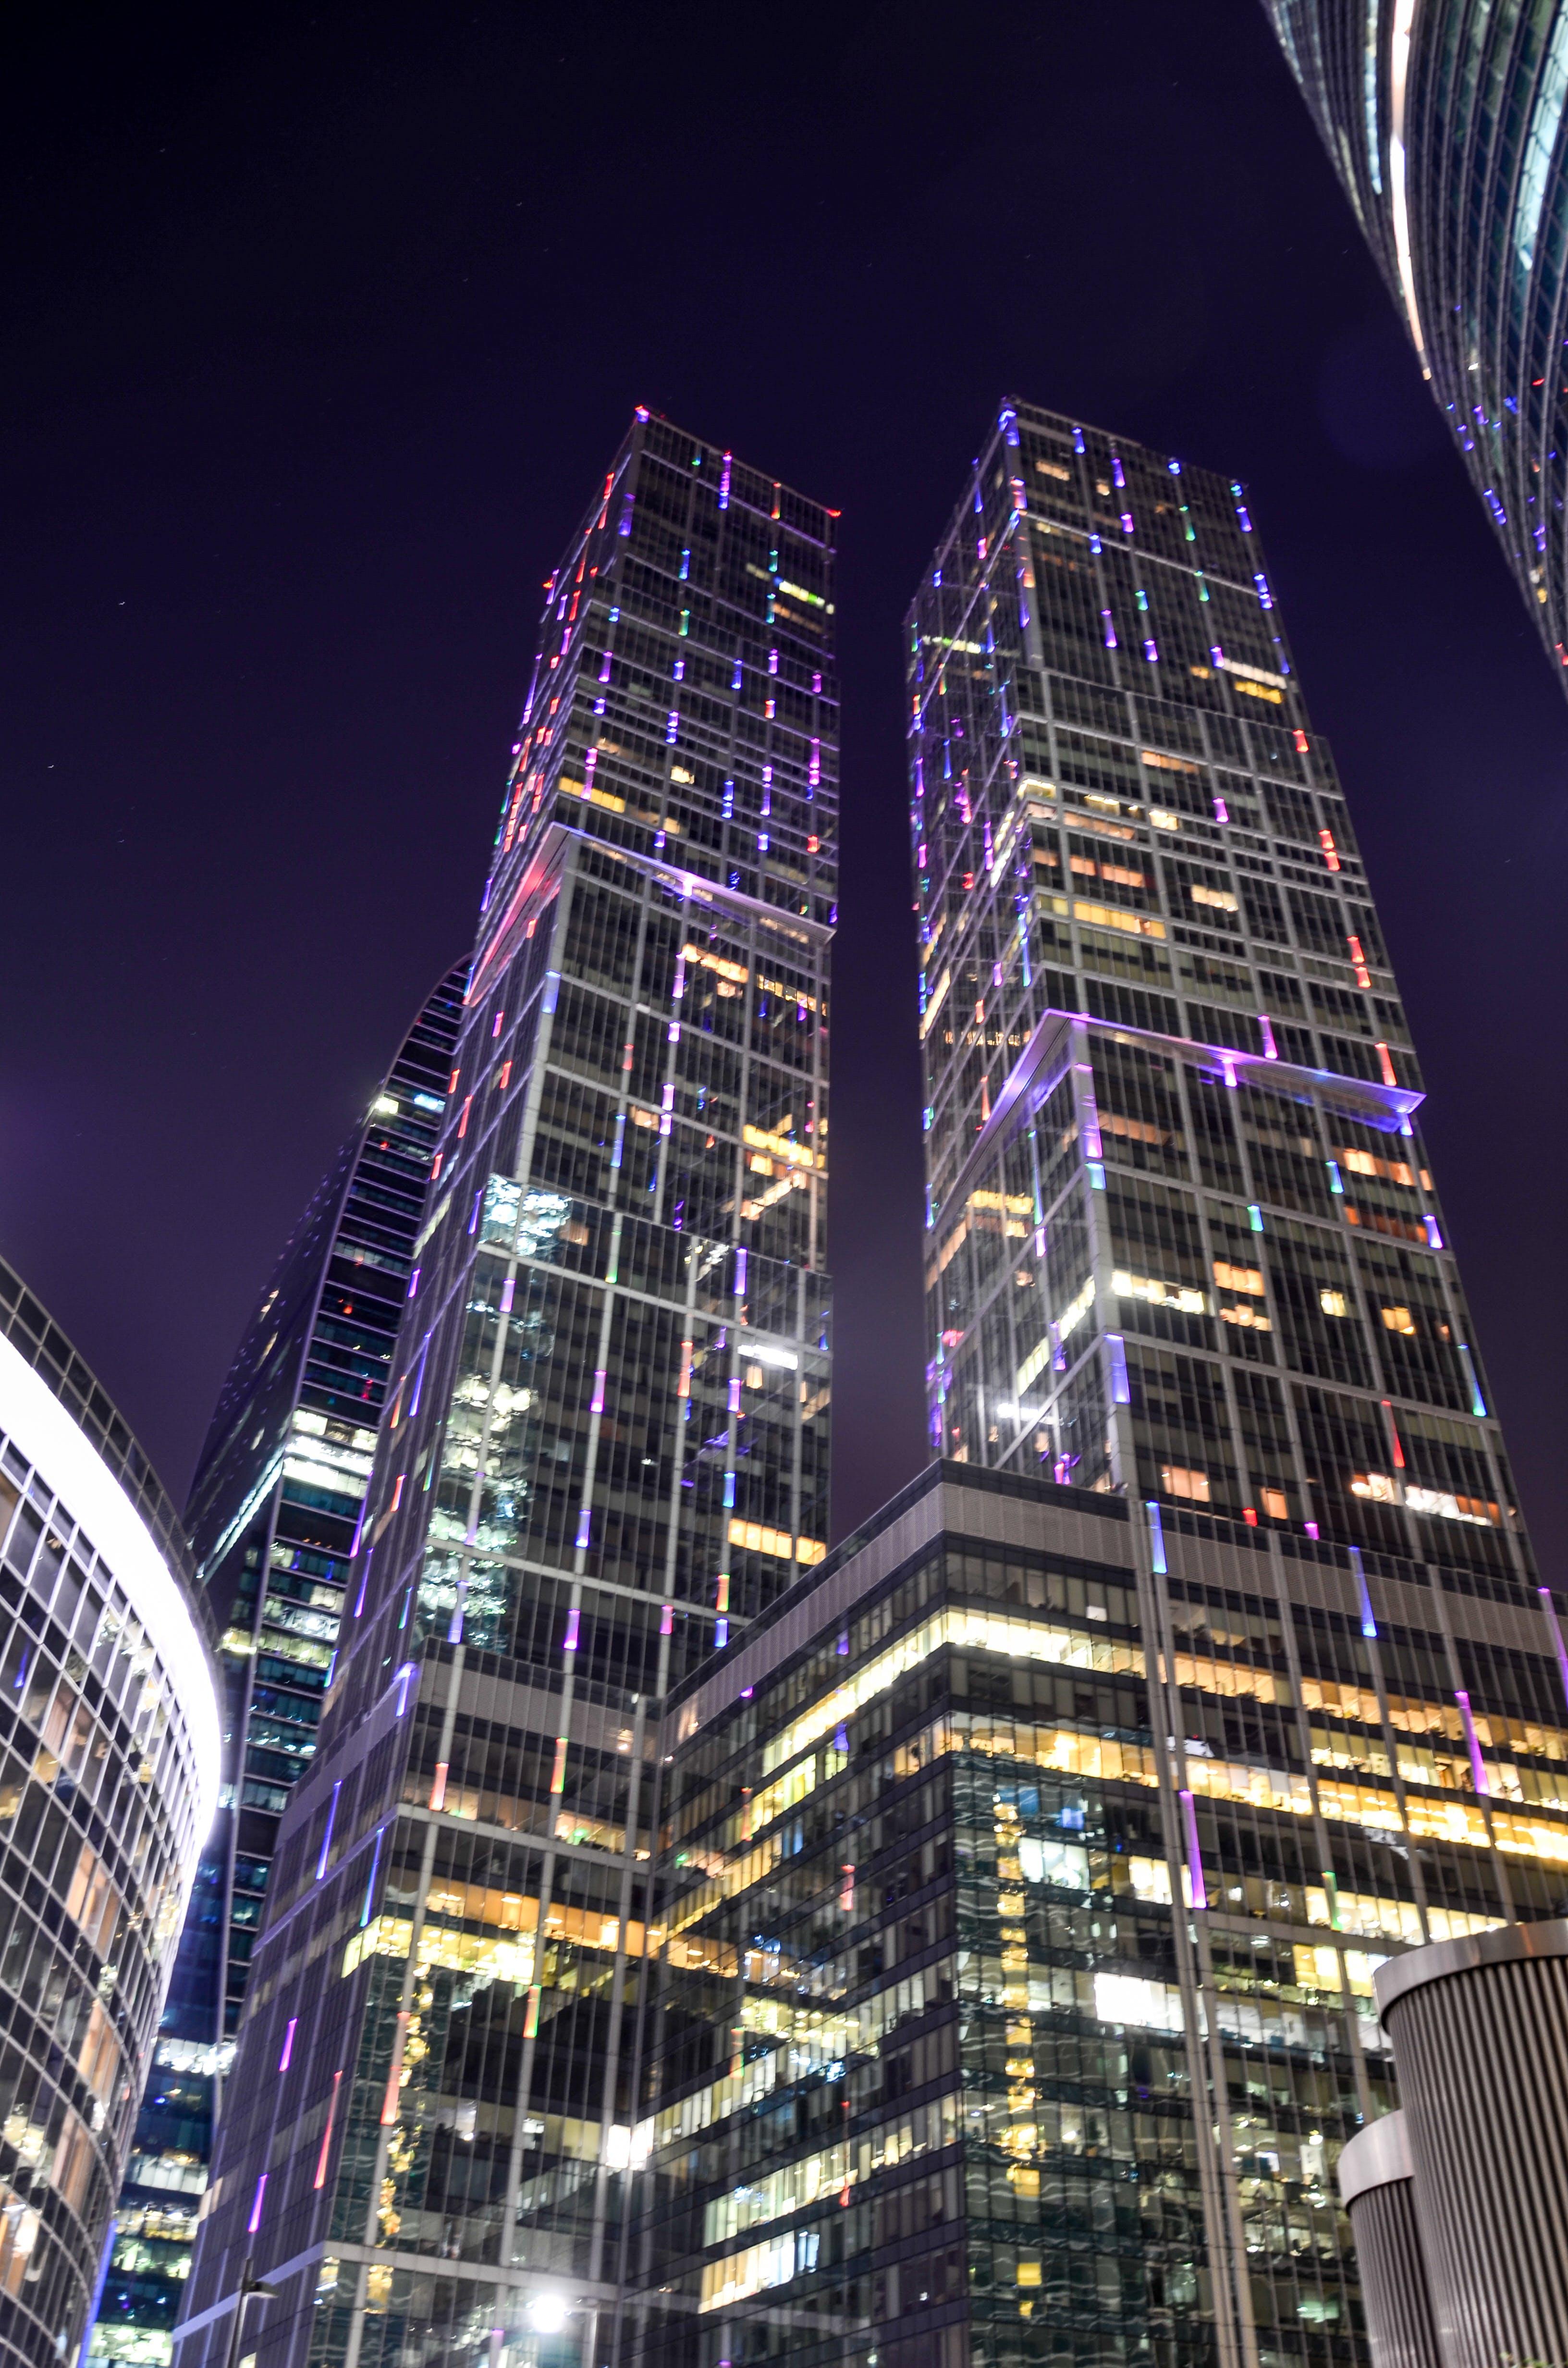 Ảnh lưu trữ miễn phí về ánh đèn thành phố, bầu trời, các tòa nhà, cảnh quan thành phố